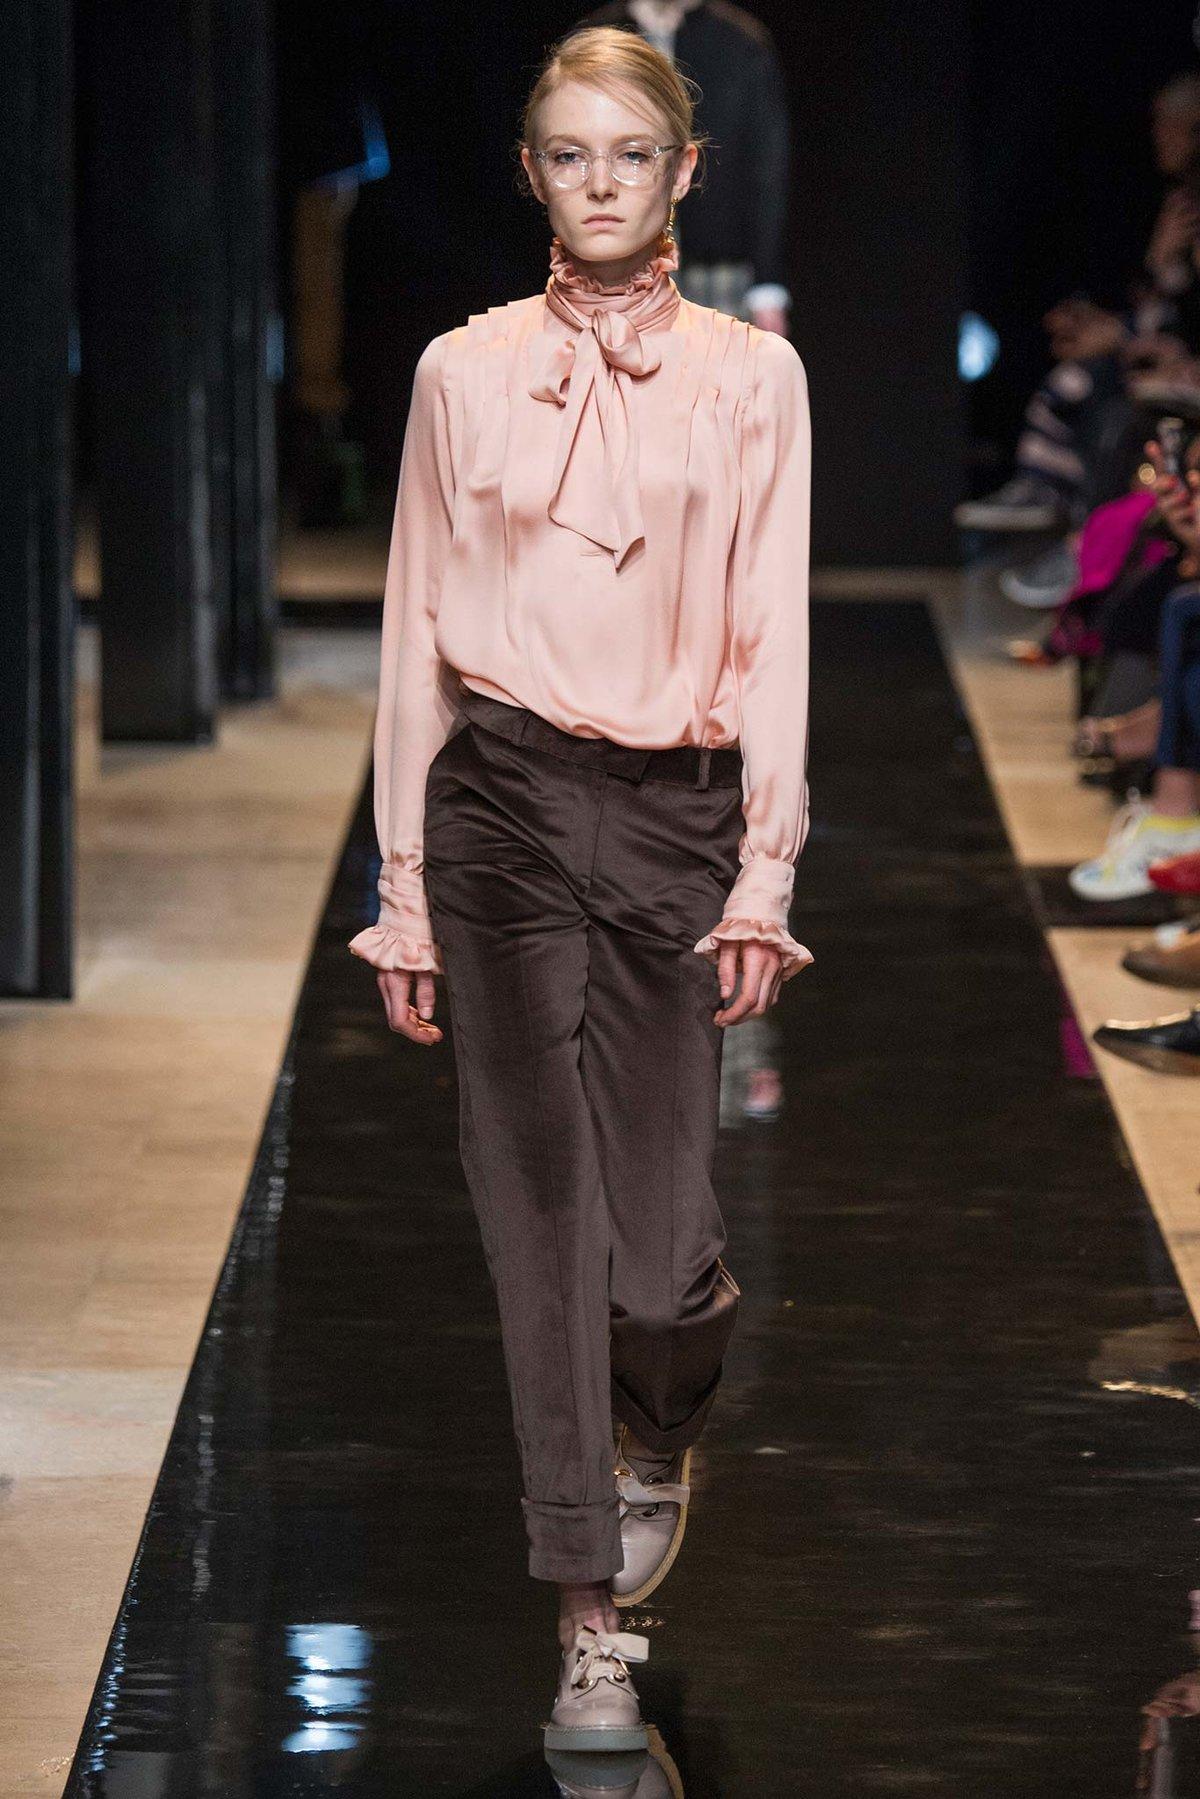 черта сорной фото шифоновых блузок с показов высокой моды вдавленному следу